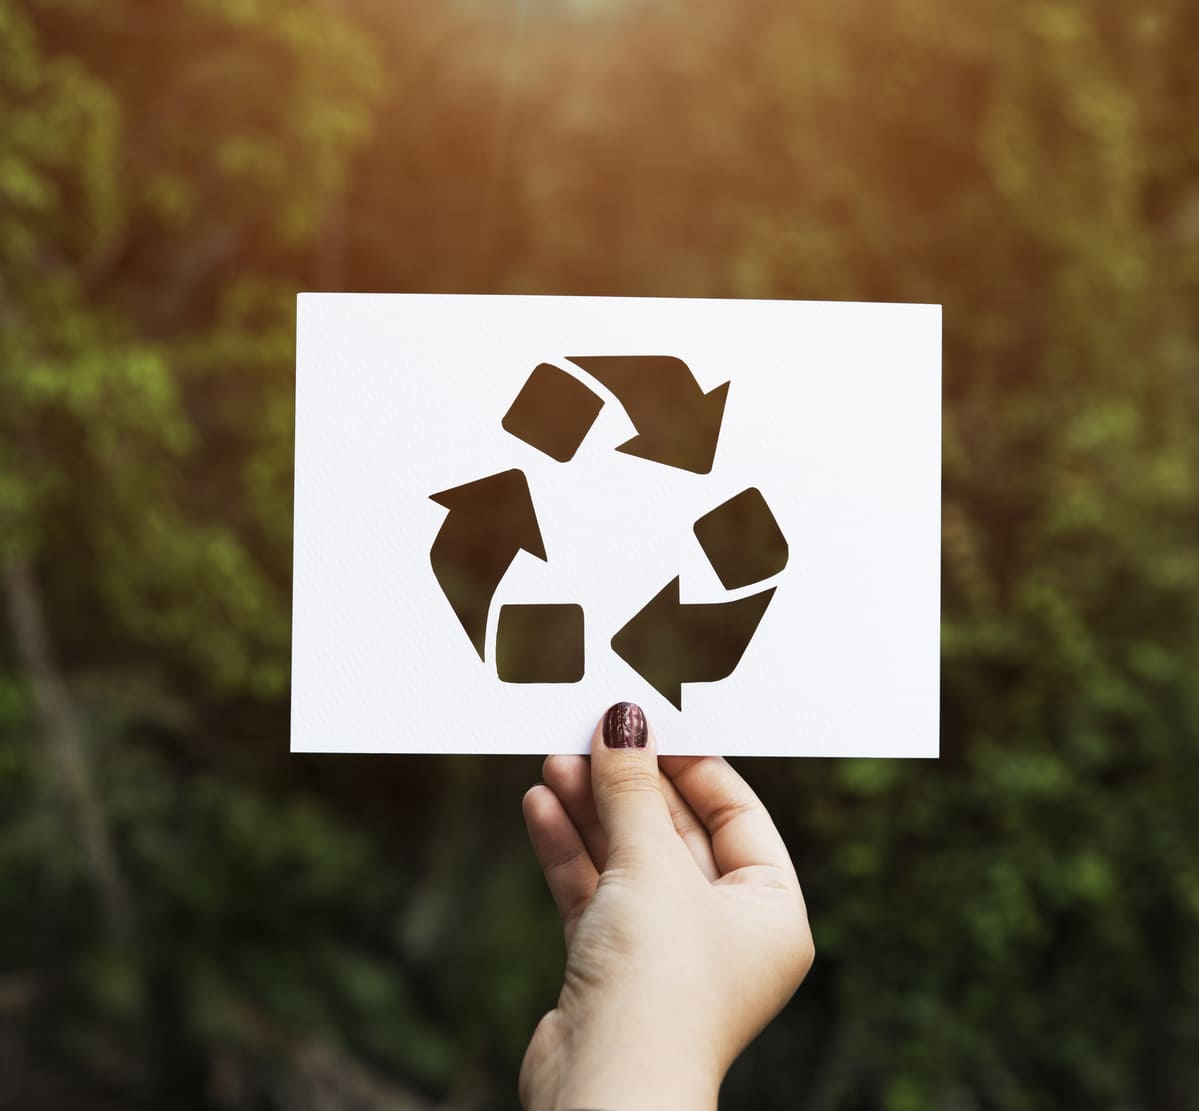 Embalagens Ecológicas: o que são e por que você deve investir nelas